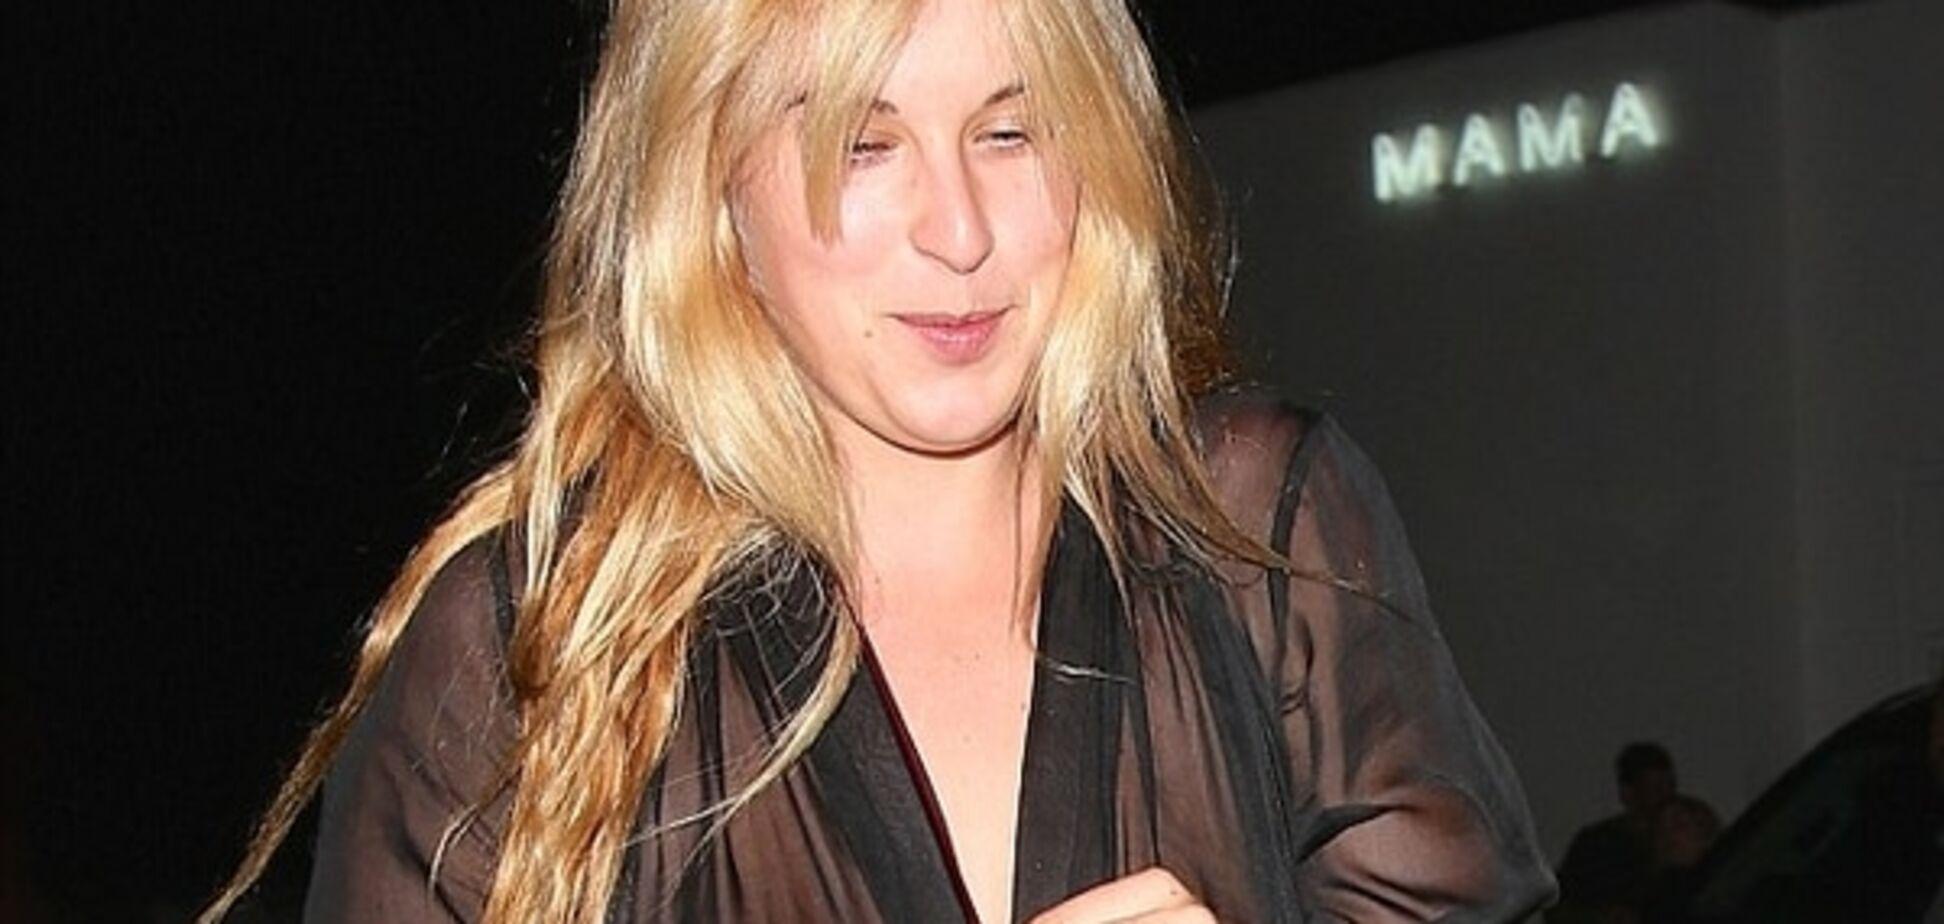 Дочь Брюса Уиллиса пришла на вечеринку Рианны без бюстгальтера